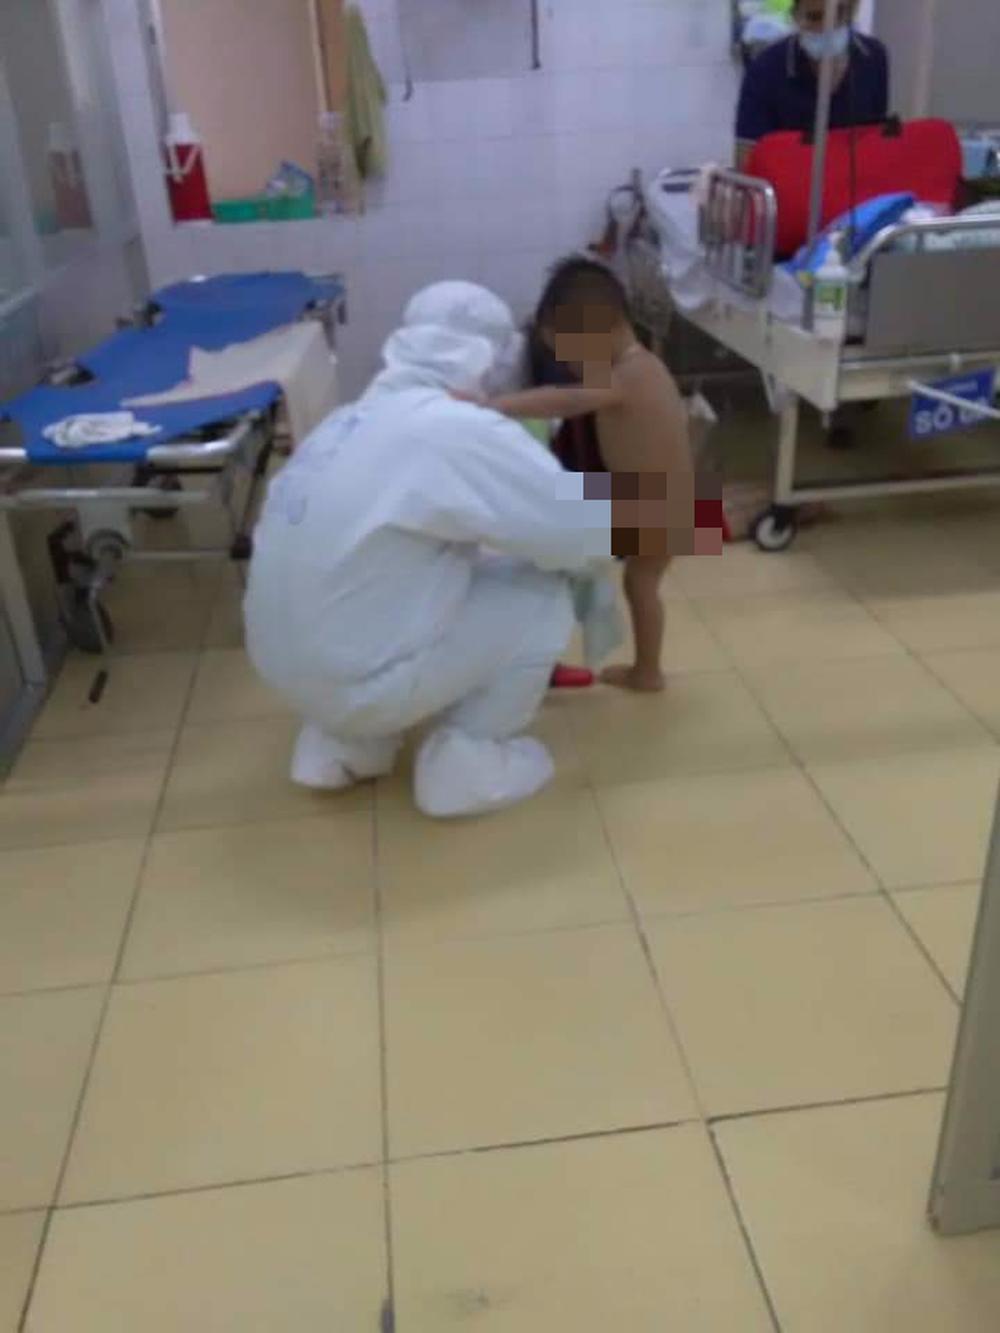 Xúc động nữ bác sĩ vắt sữa nuôi bệnh nhi Covid-19 xa mẹ - Ảnh 2.